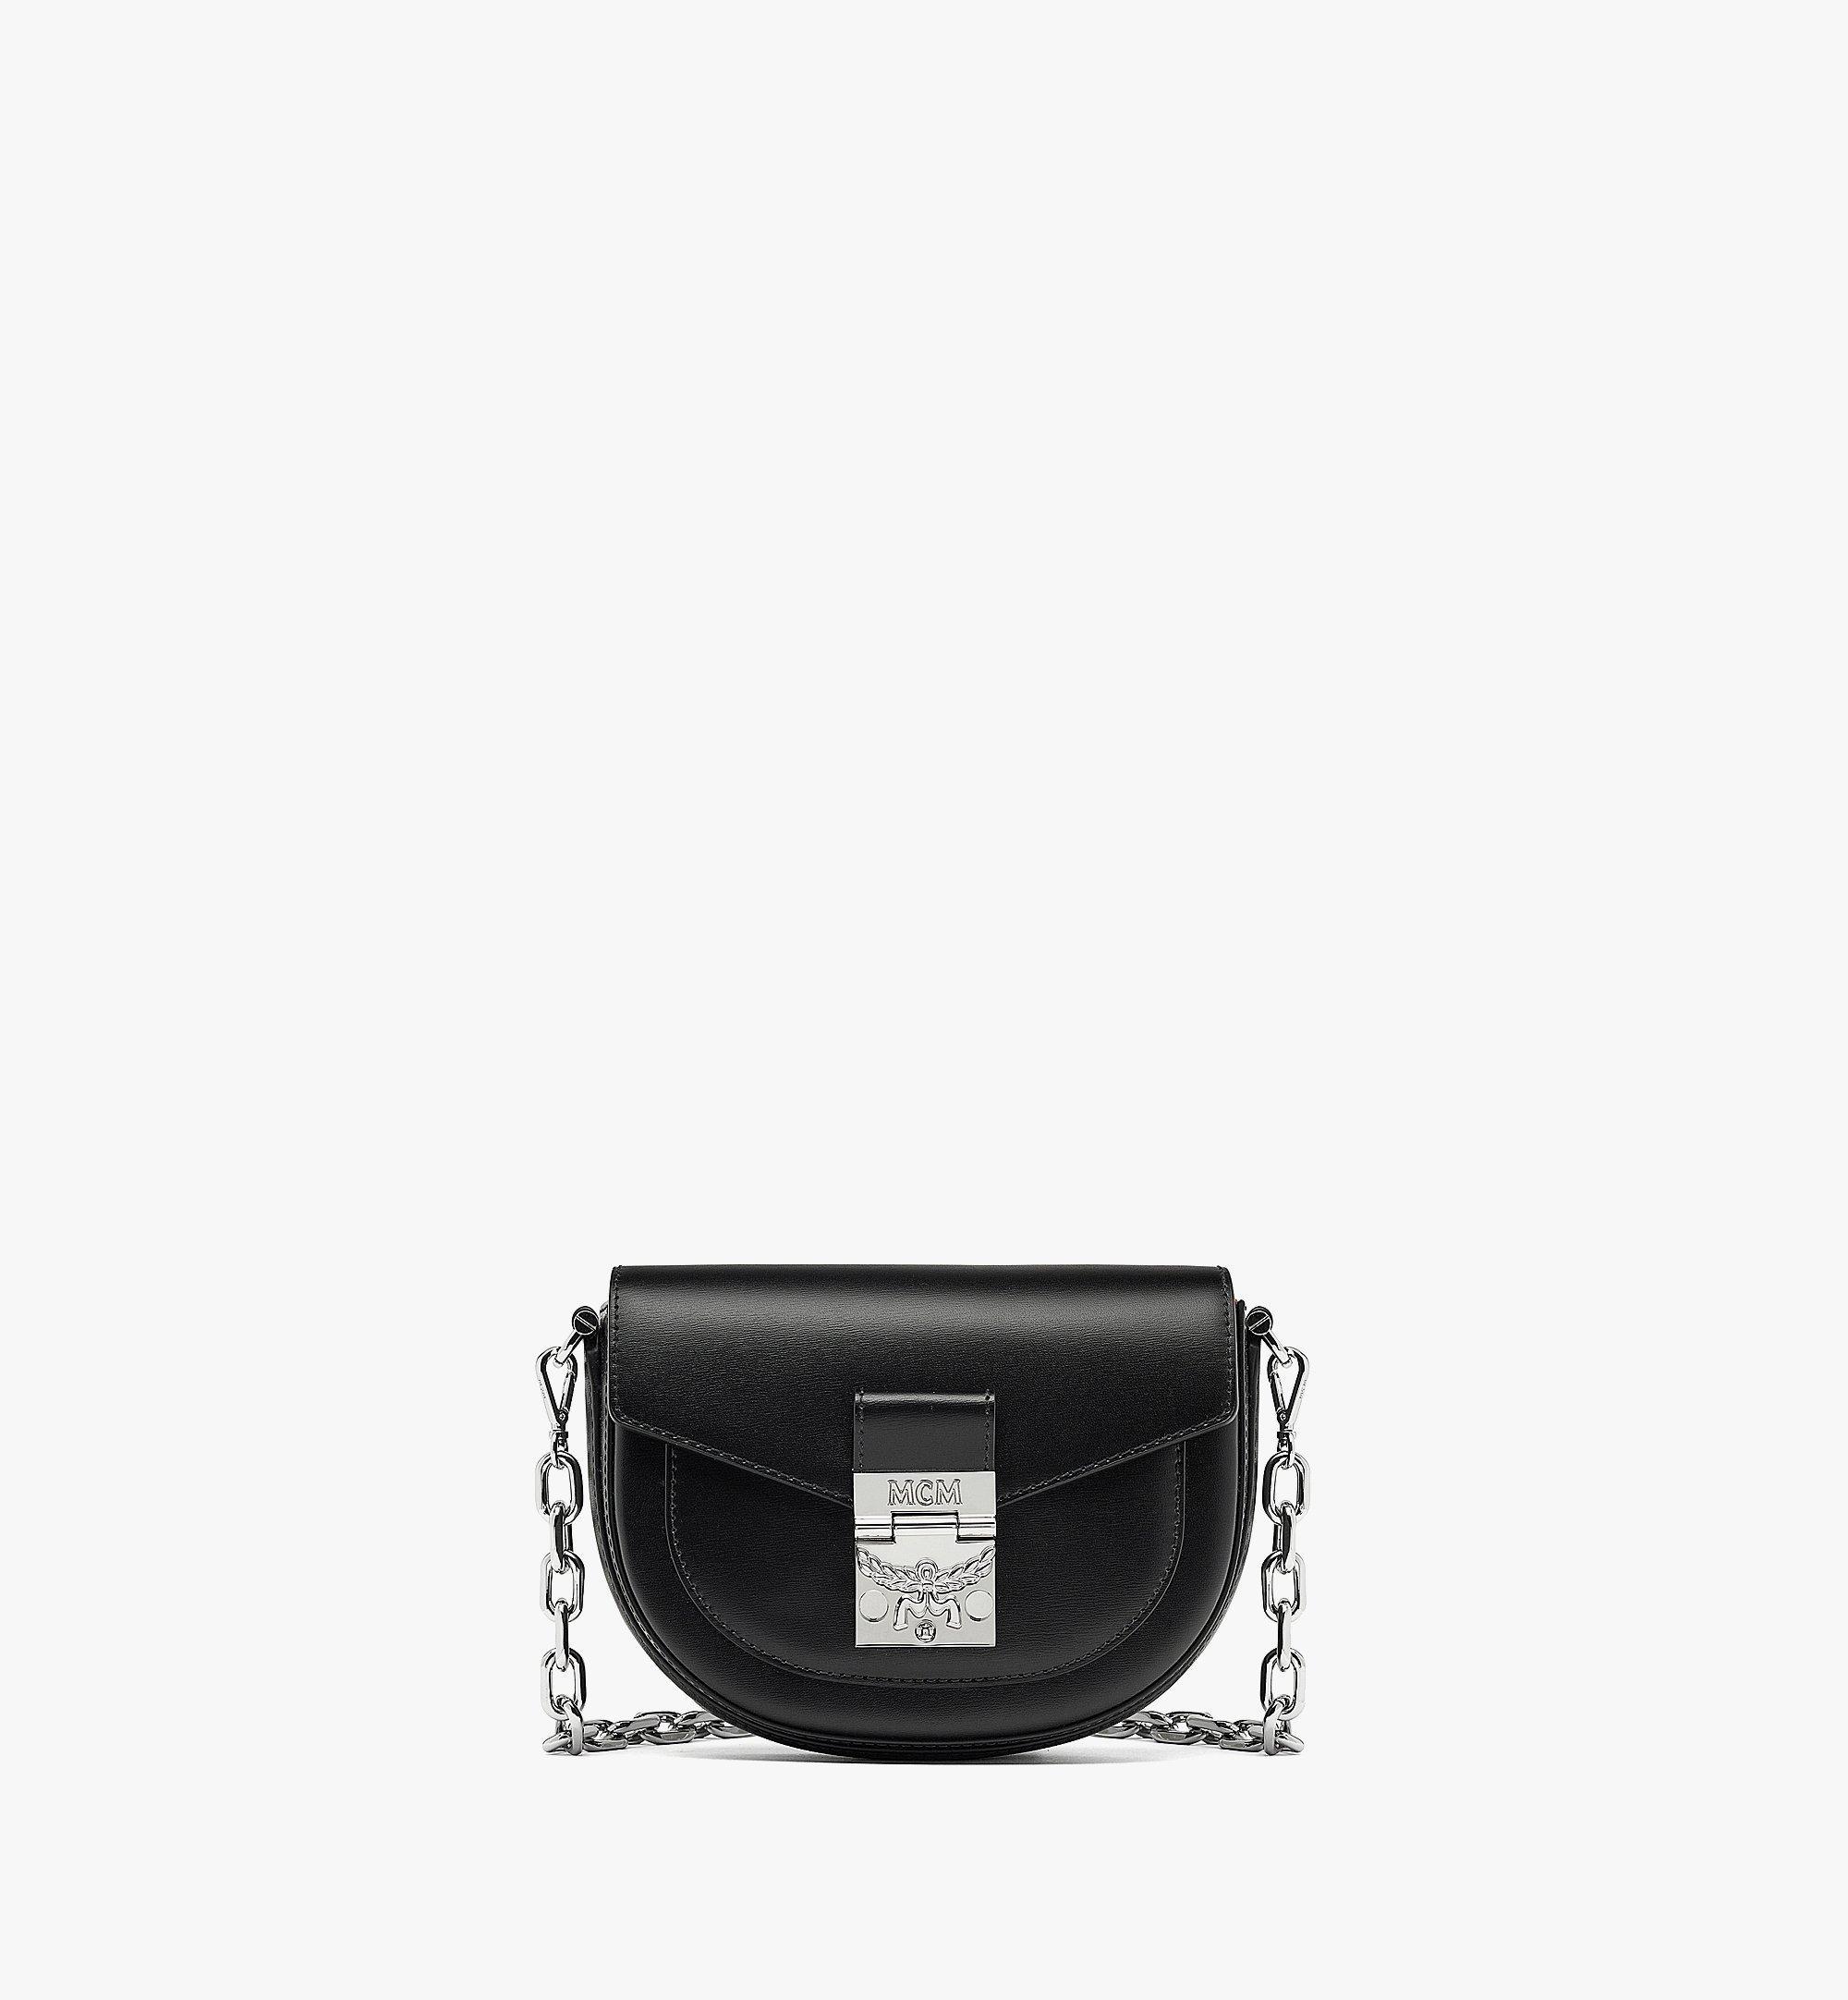 MCM Patricia Crossbody-Tasche aus geprägtem spanischen Leder Black MWRBAPA01BK001 Noch mehr sehen 1